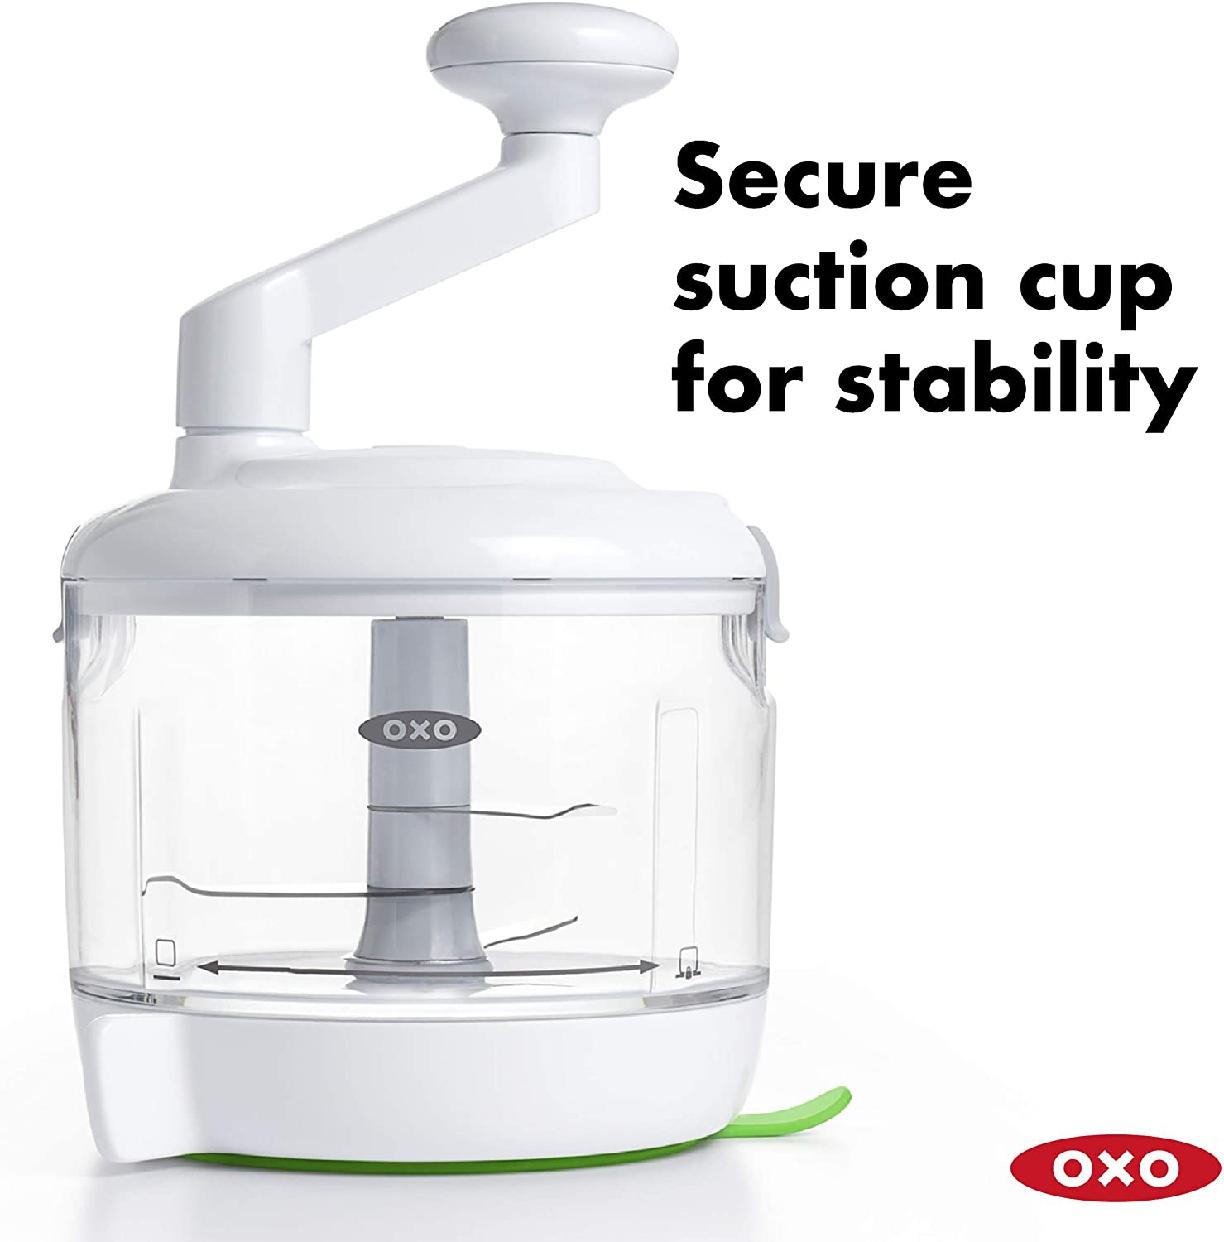 OXO(オクソー) ハンドル式フードチョッパー 11238000の商品画像5